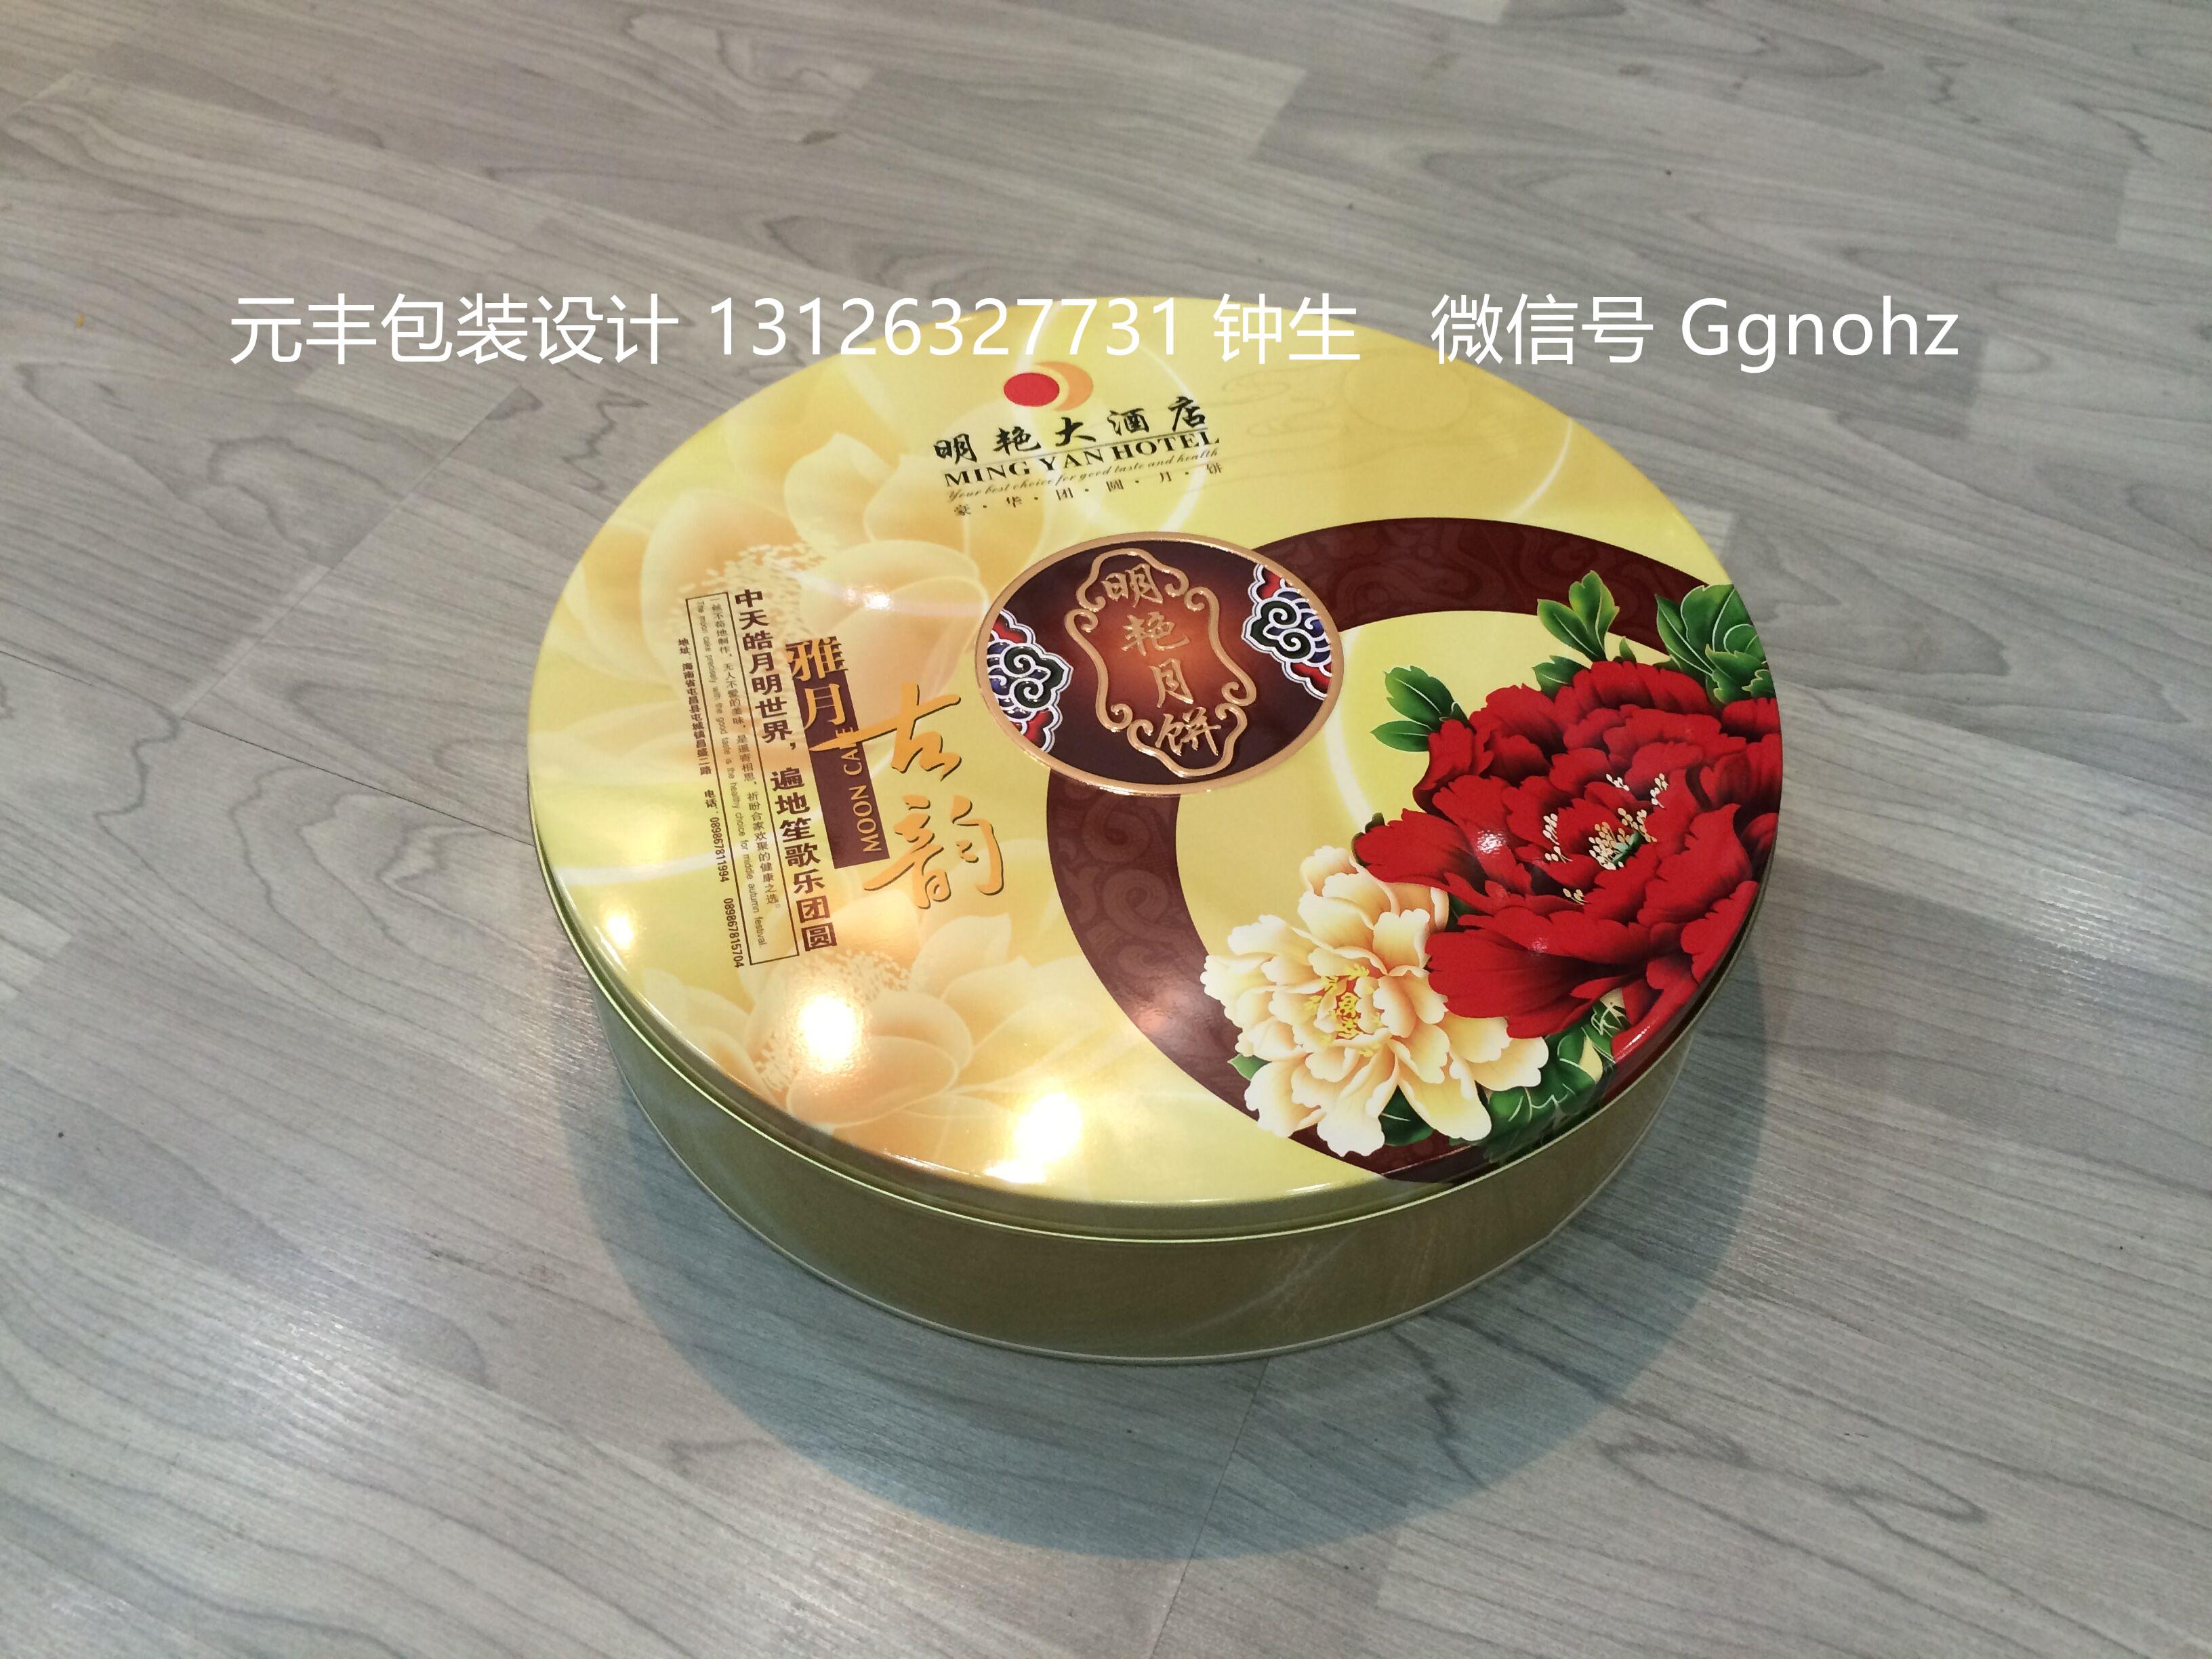 定制圆形月饼铁盒 高档月饼包装盒 广东月饼铁罐生产厂家